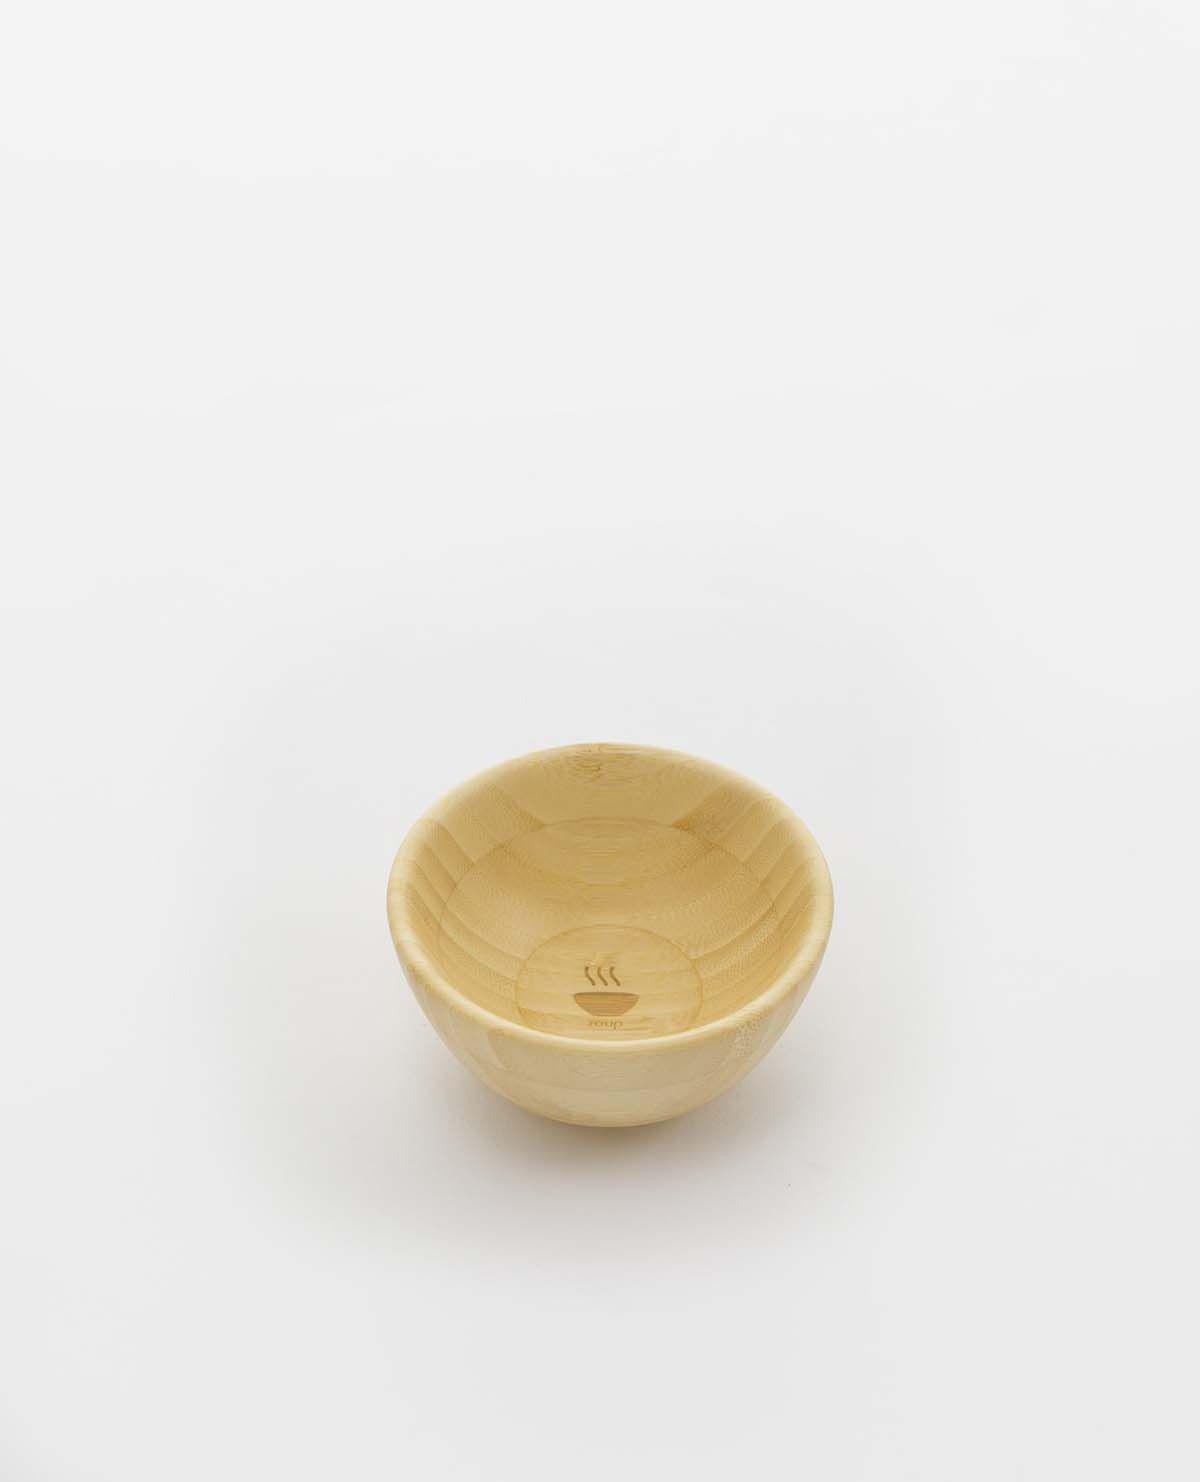 さんのぜんセット ベビー食器 木製 竹 お食い初め